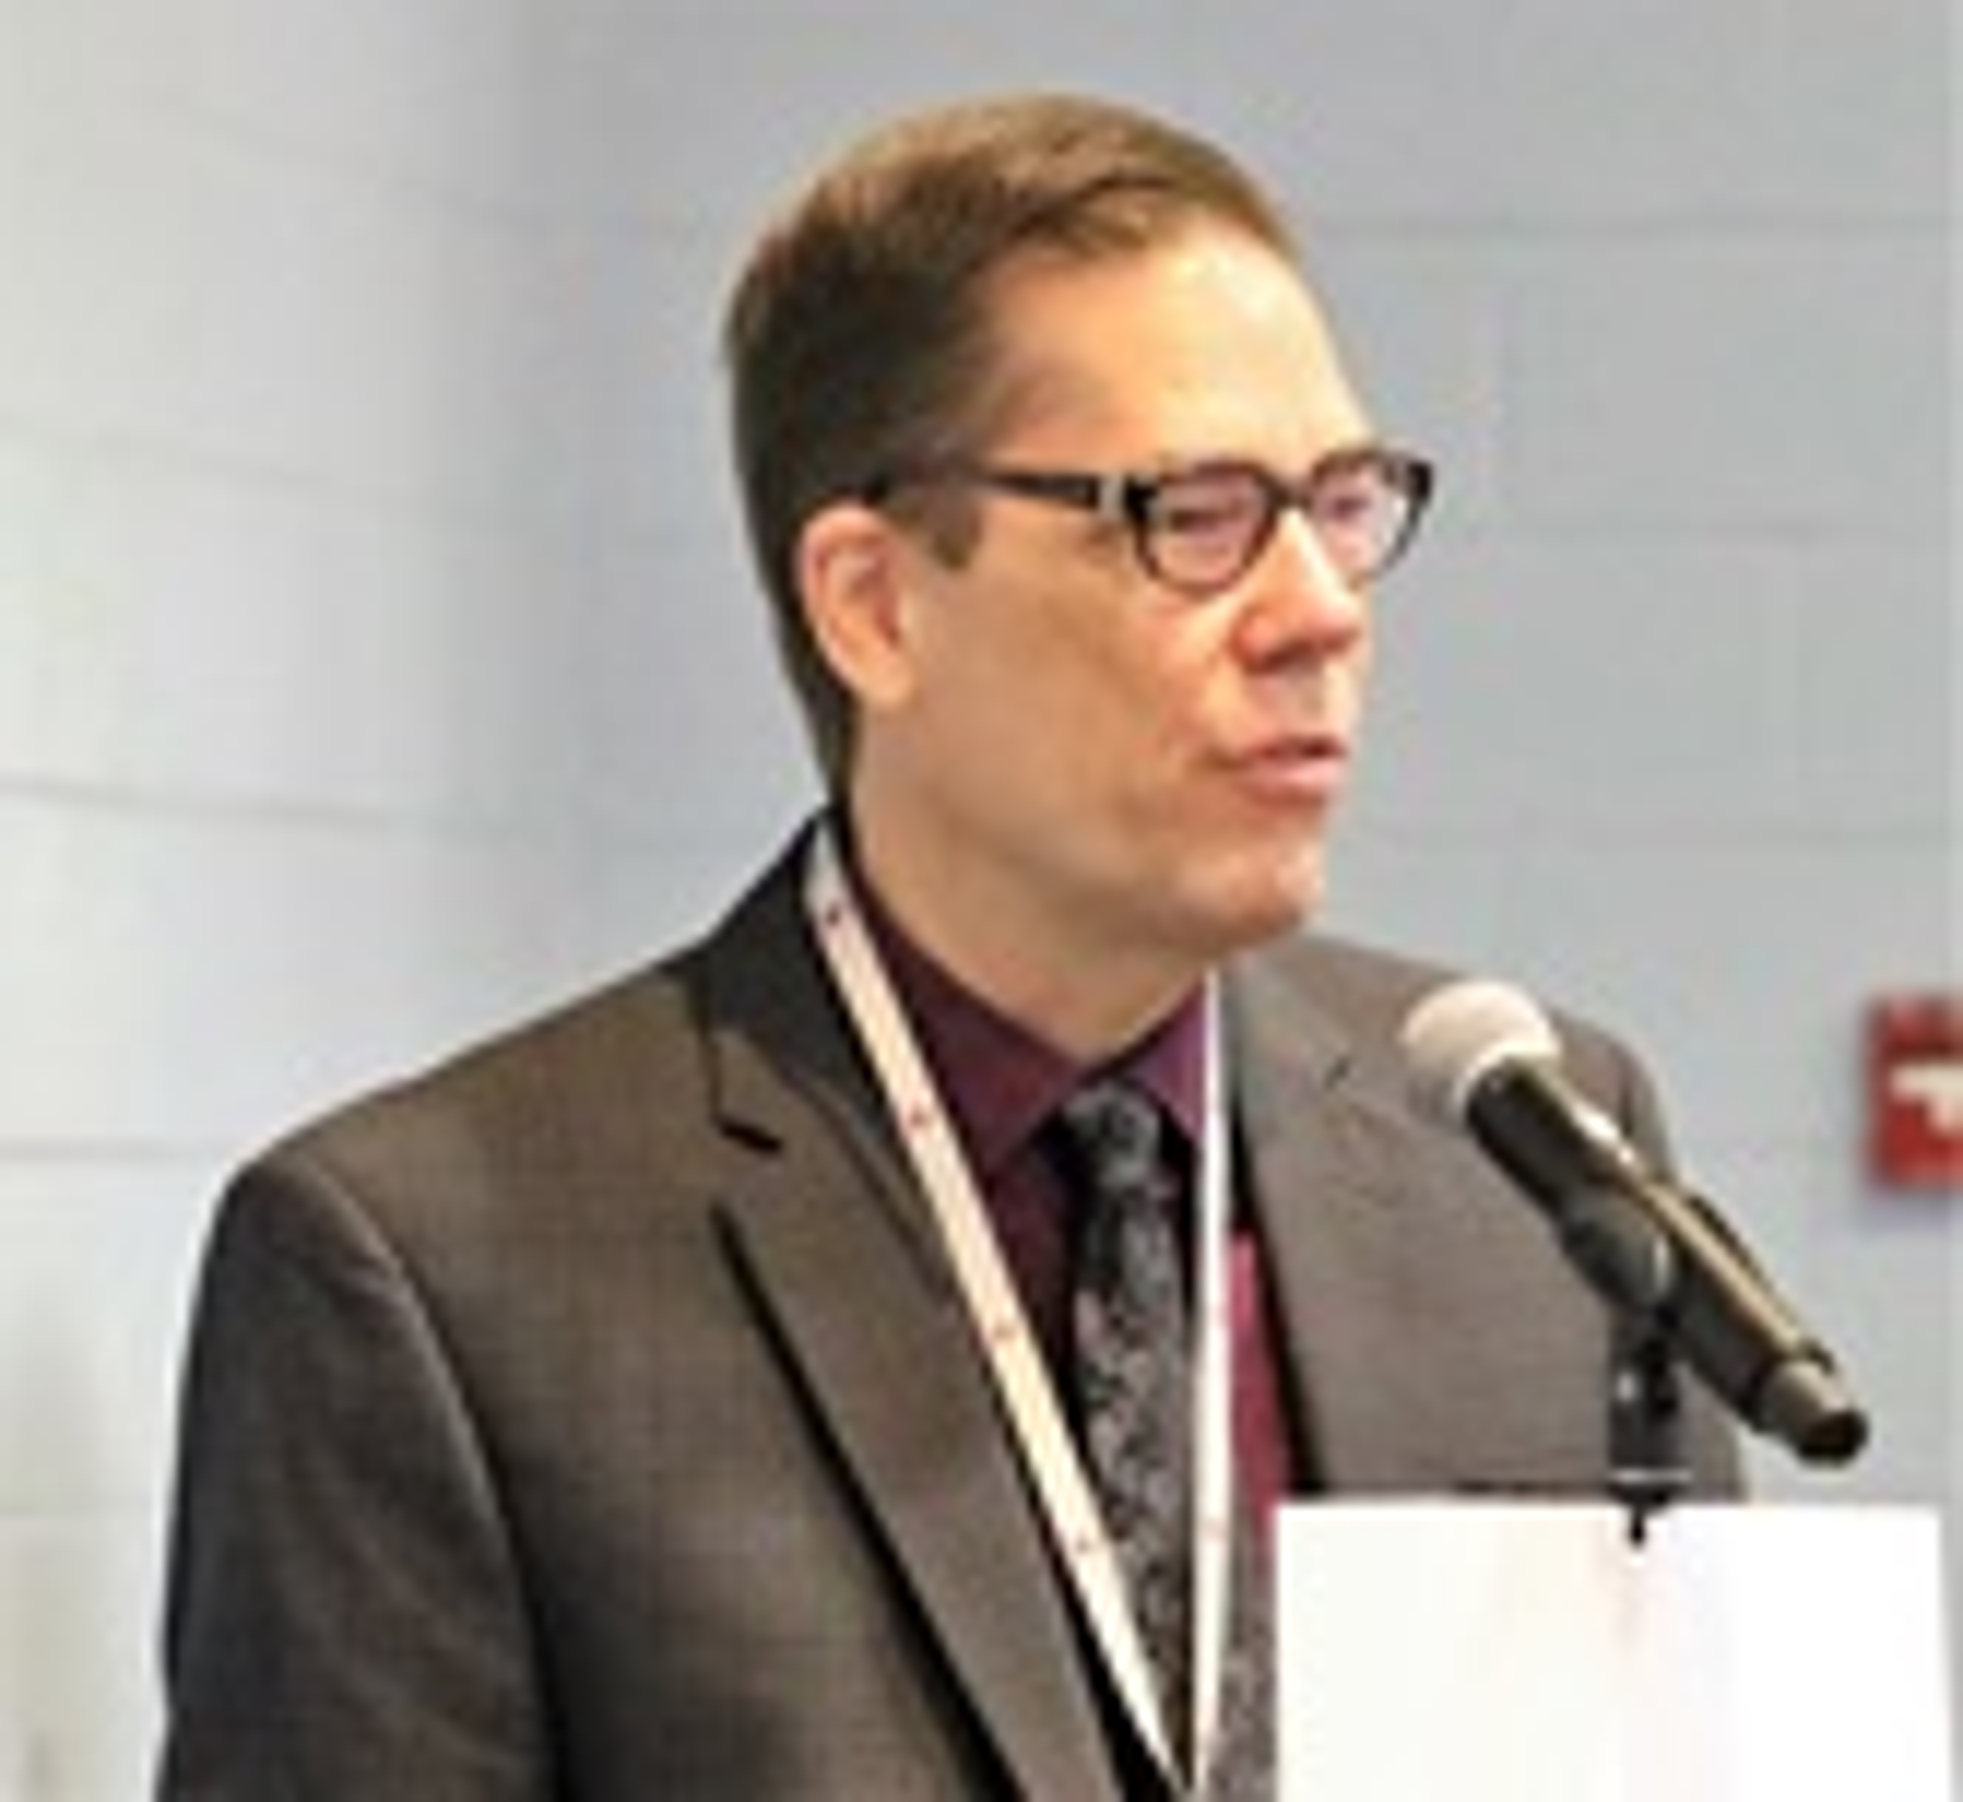 토마스 램브렉트 목사가 2018년 11월 아틀란타 근교의 베델연합감리교회에서 열린 웨슬리언약협회 모임에서 발언하고 있다. 사진 김응선 목사, UM News.